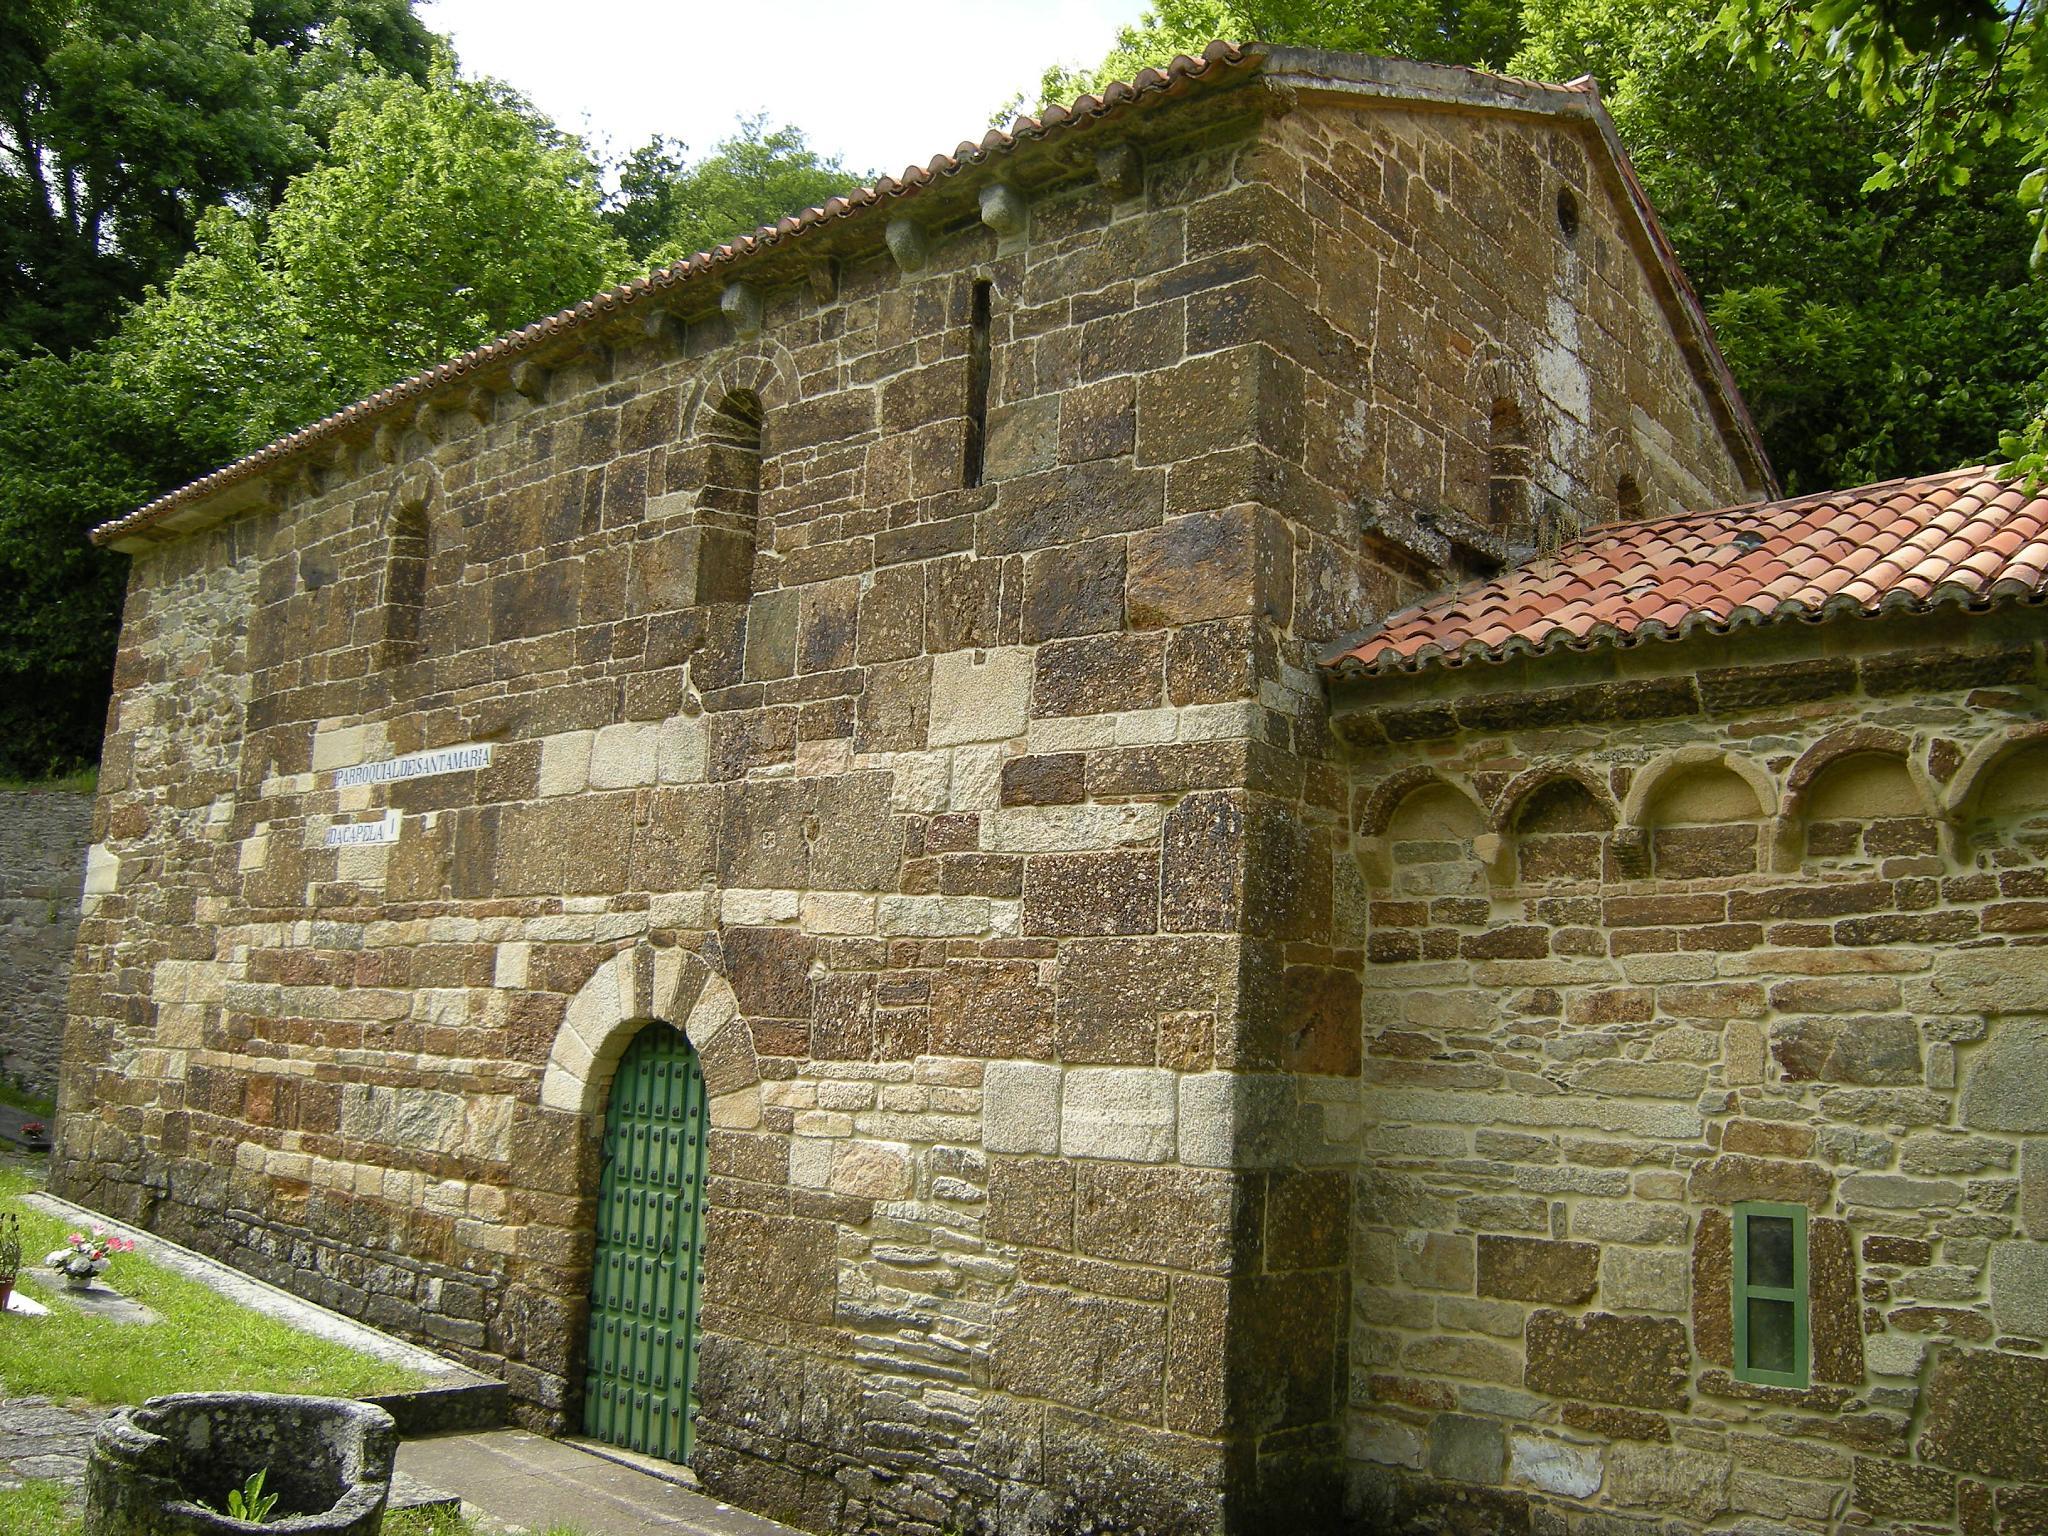 Igrexa de Santo Antoniño de Toques